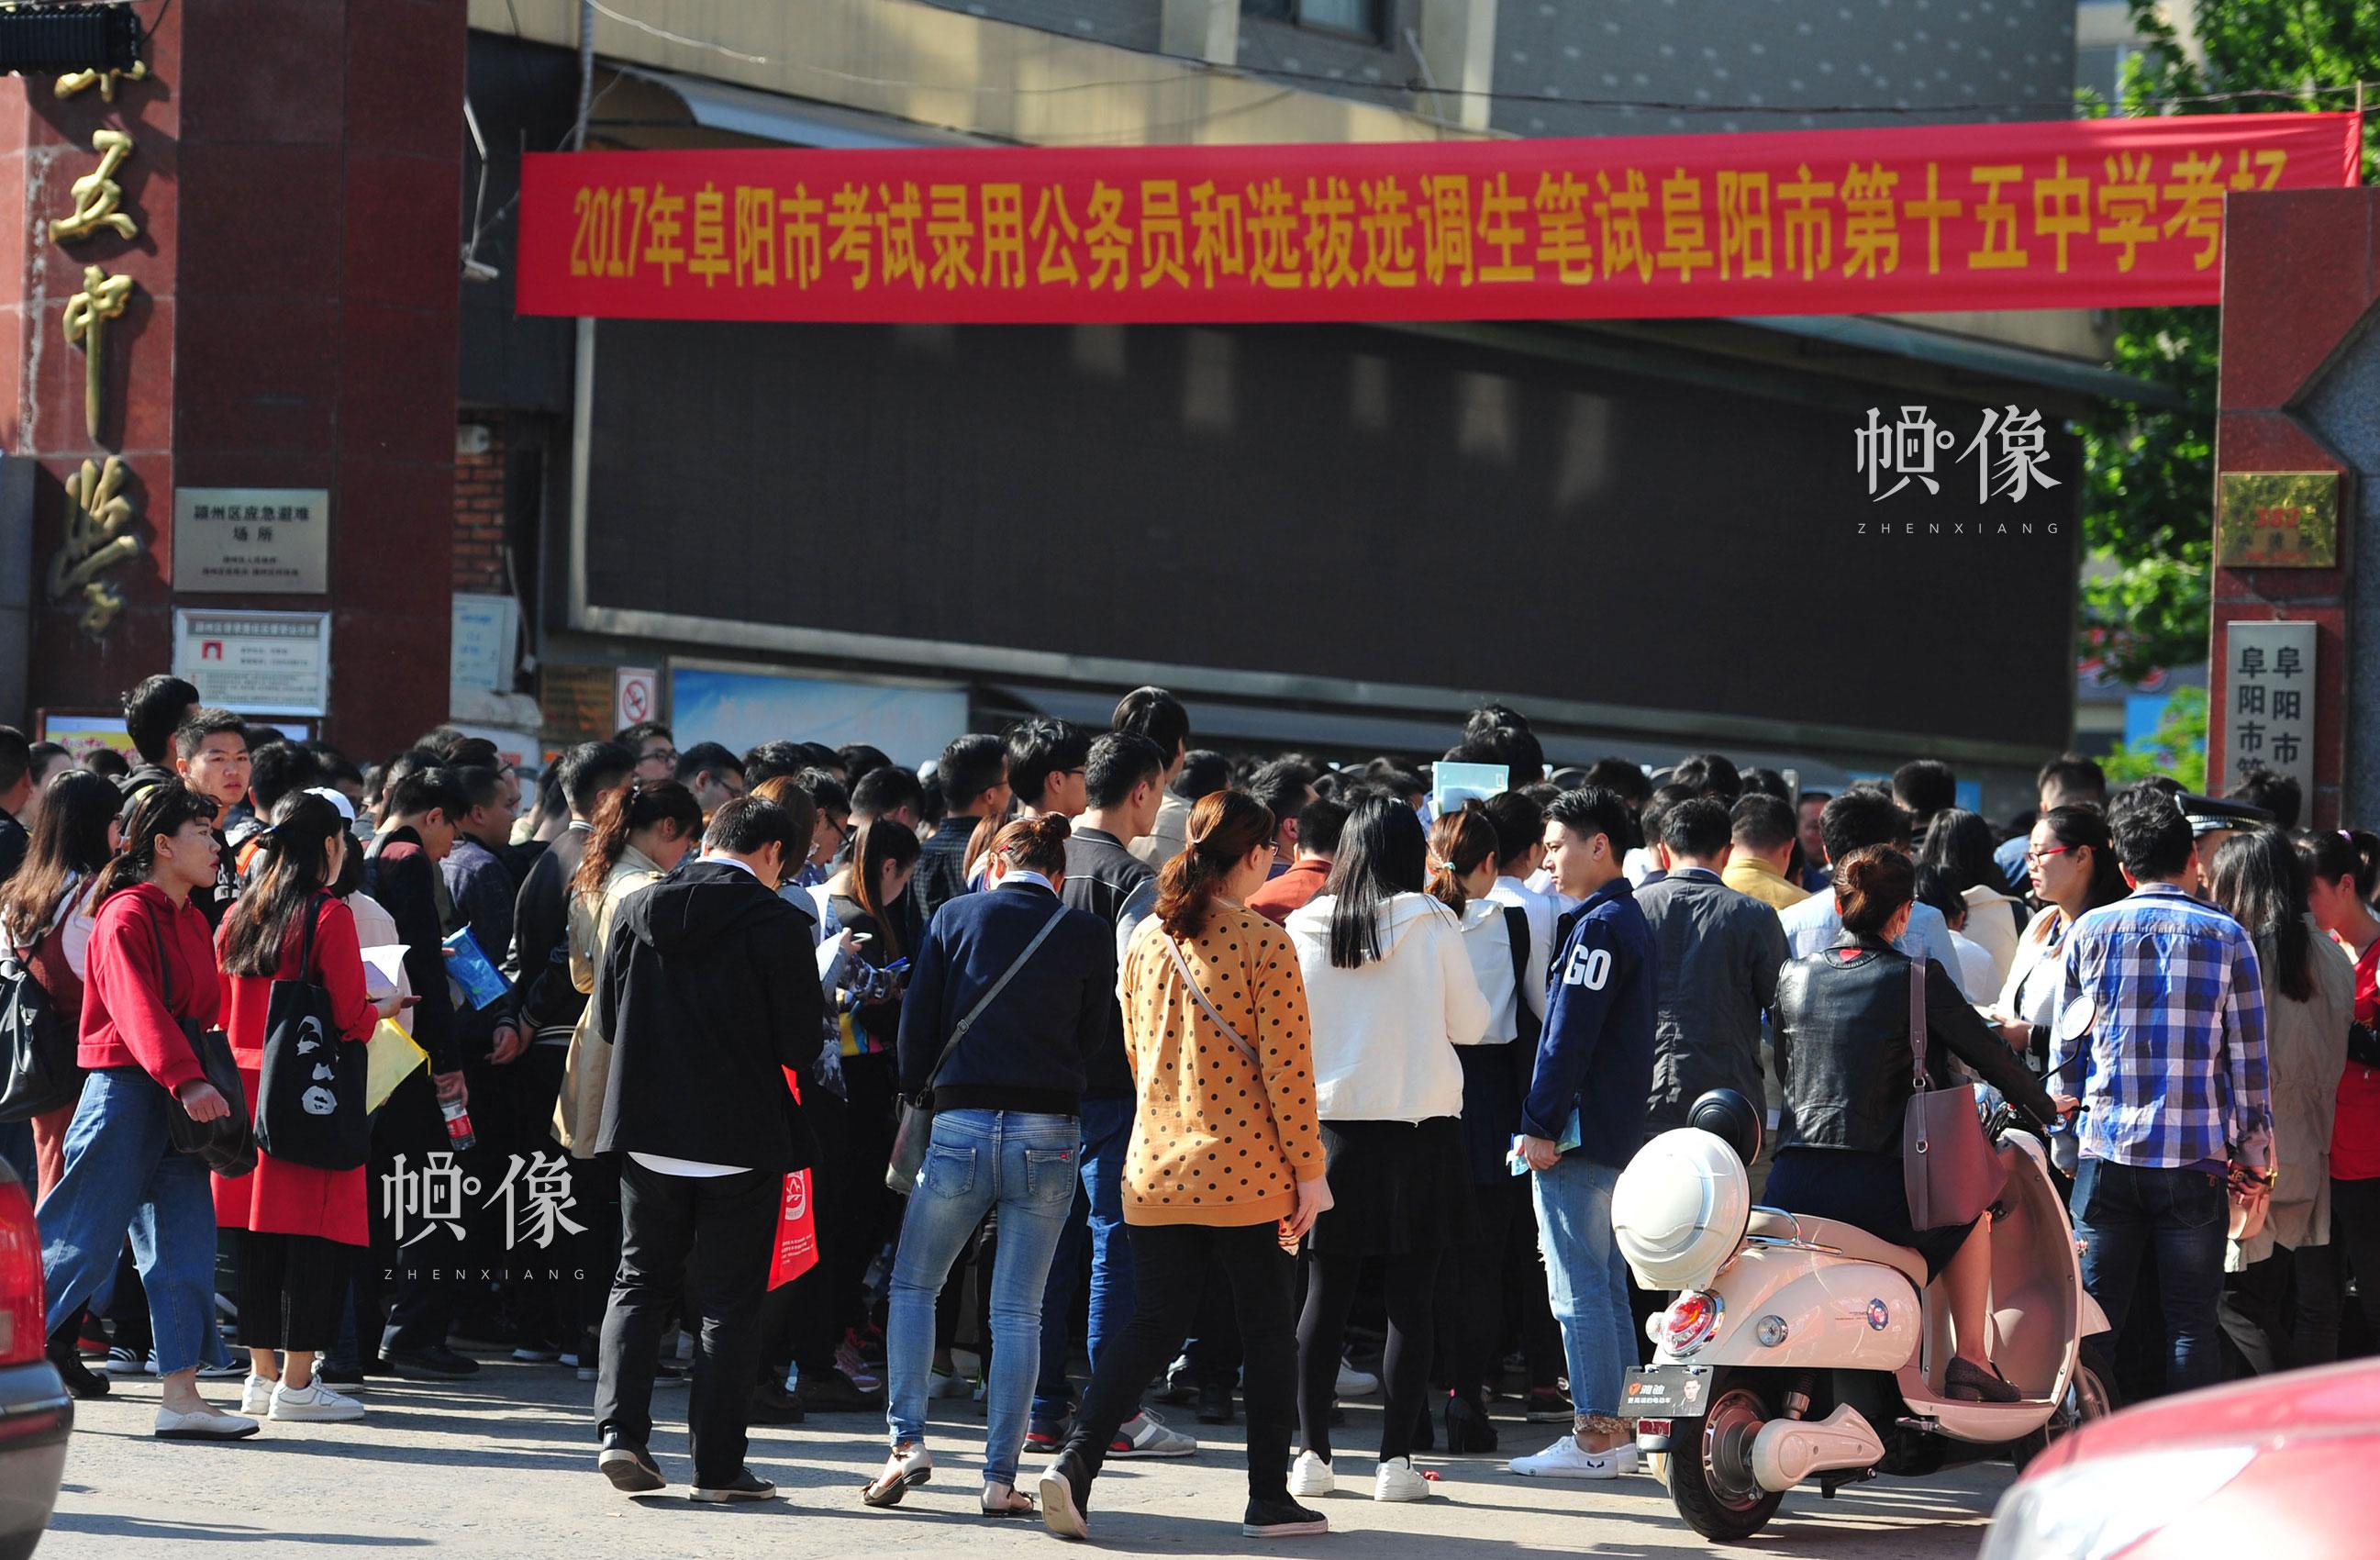 2017年4月22日,考生在安徽阜阳市第十五中考点进场考试。 安新/东方IC